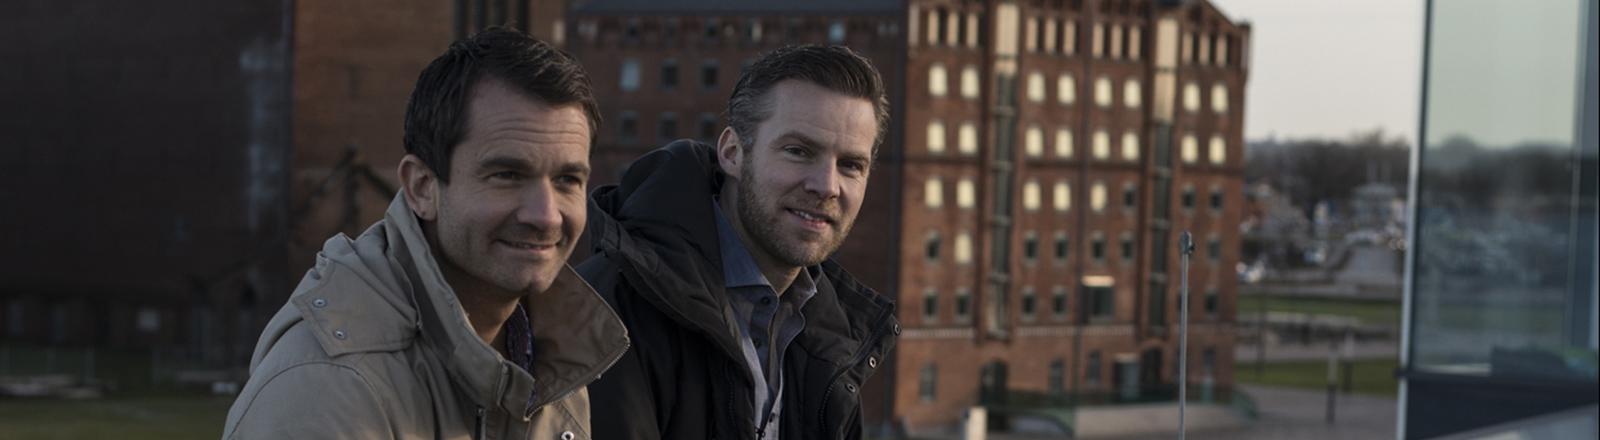 Die beiden Ingenieure Lars Frahm (l.) und Andreas Exler (r.) auf dem Dach ihrer Firma am Alten Hafen Wismar.